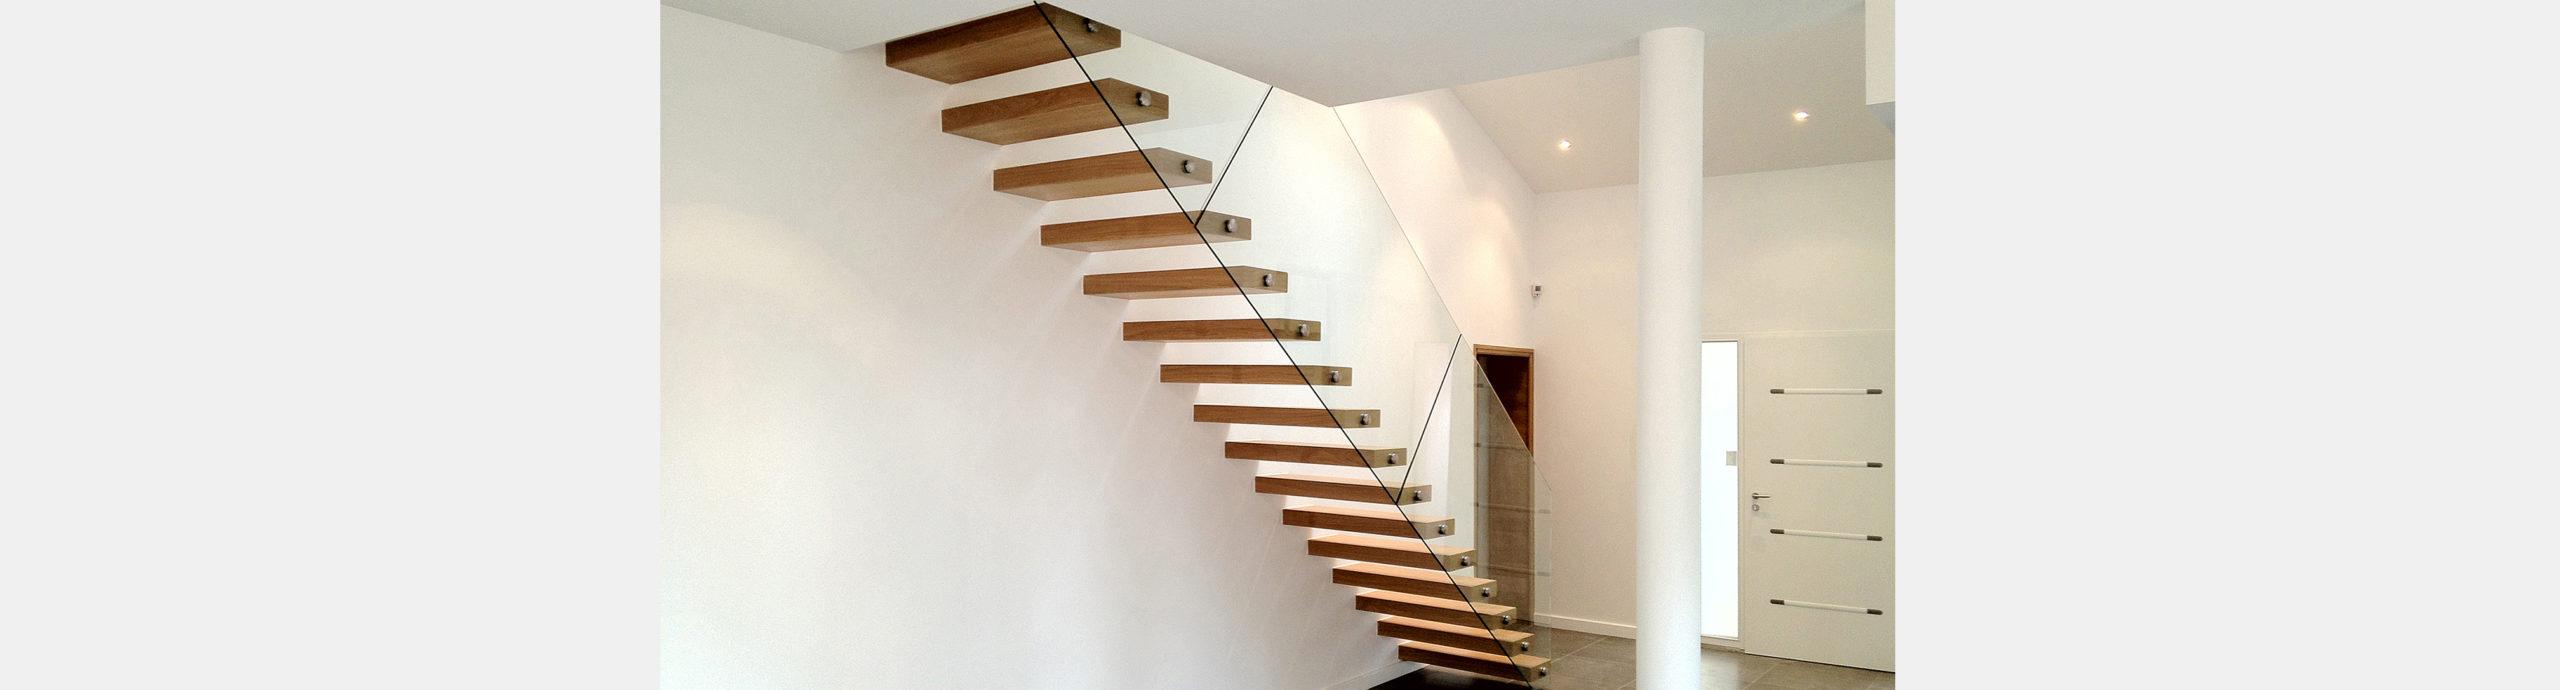 escalier droit autoportant sur mesure